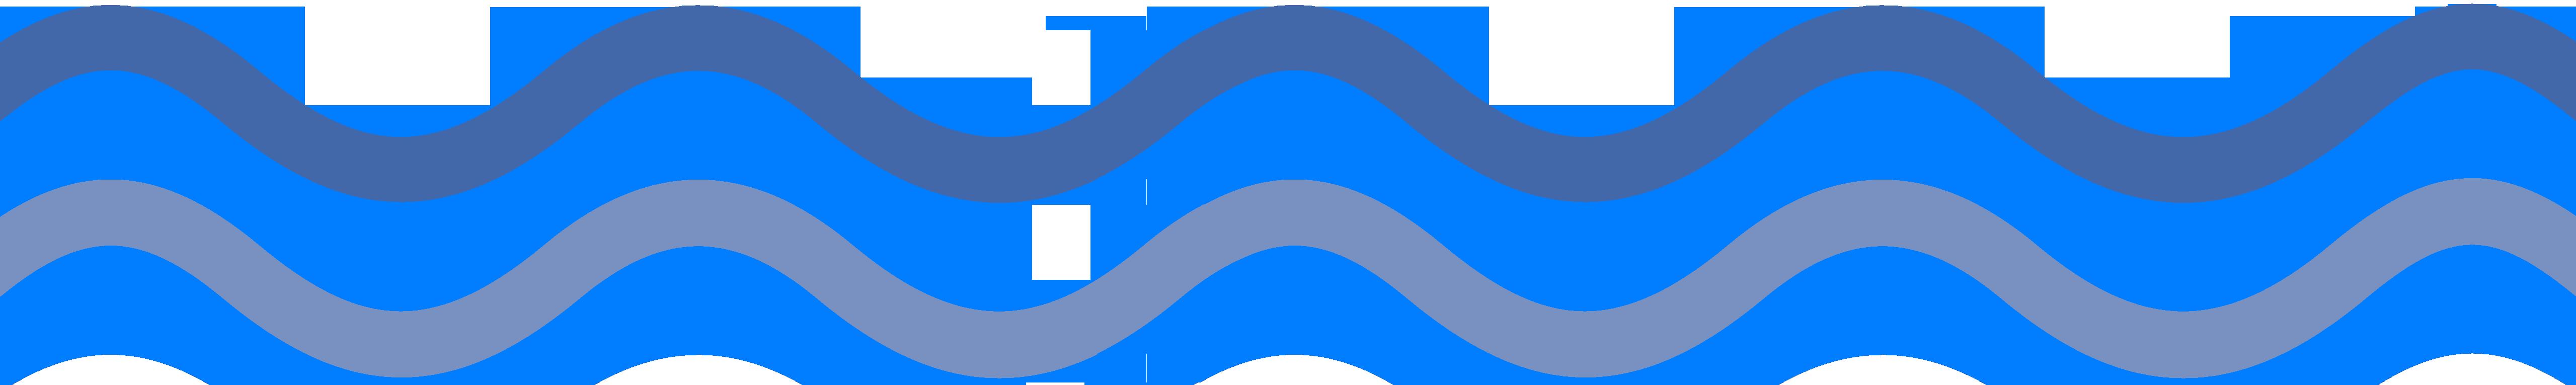 Wave top dark, under light blue.